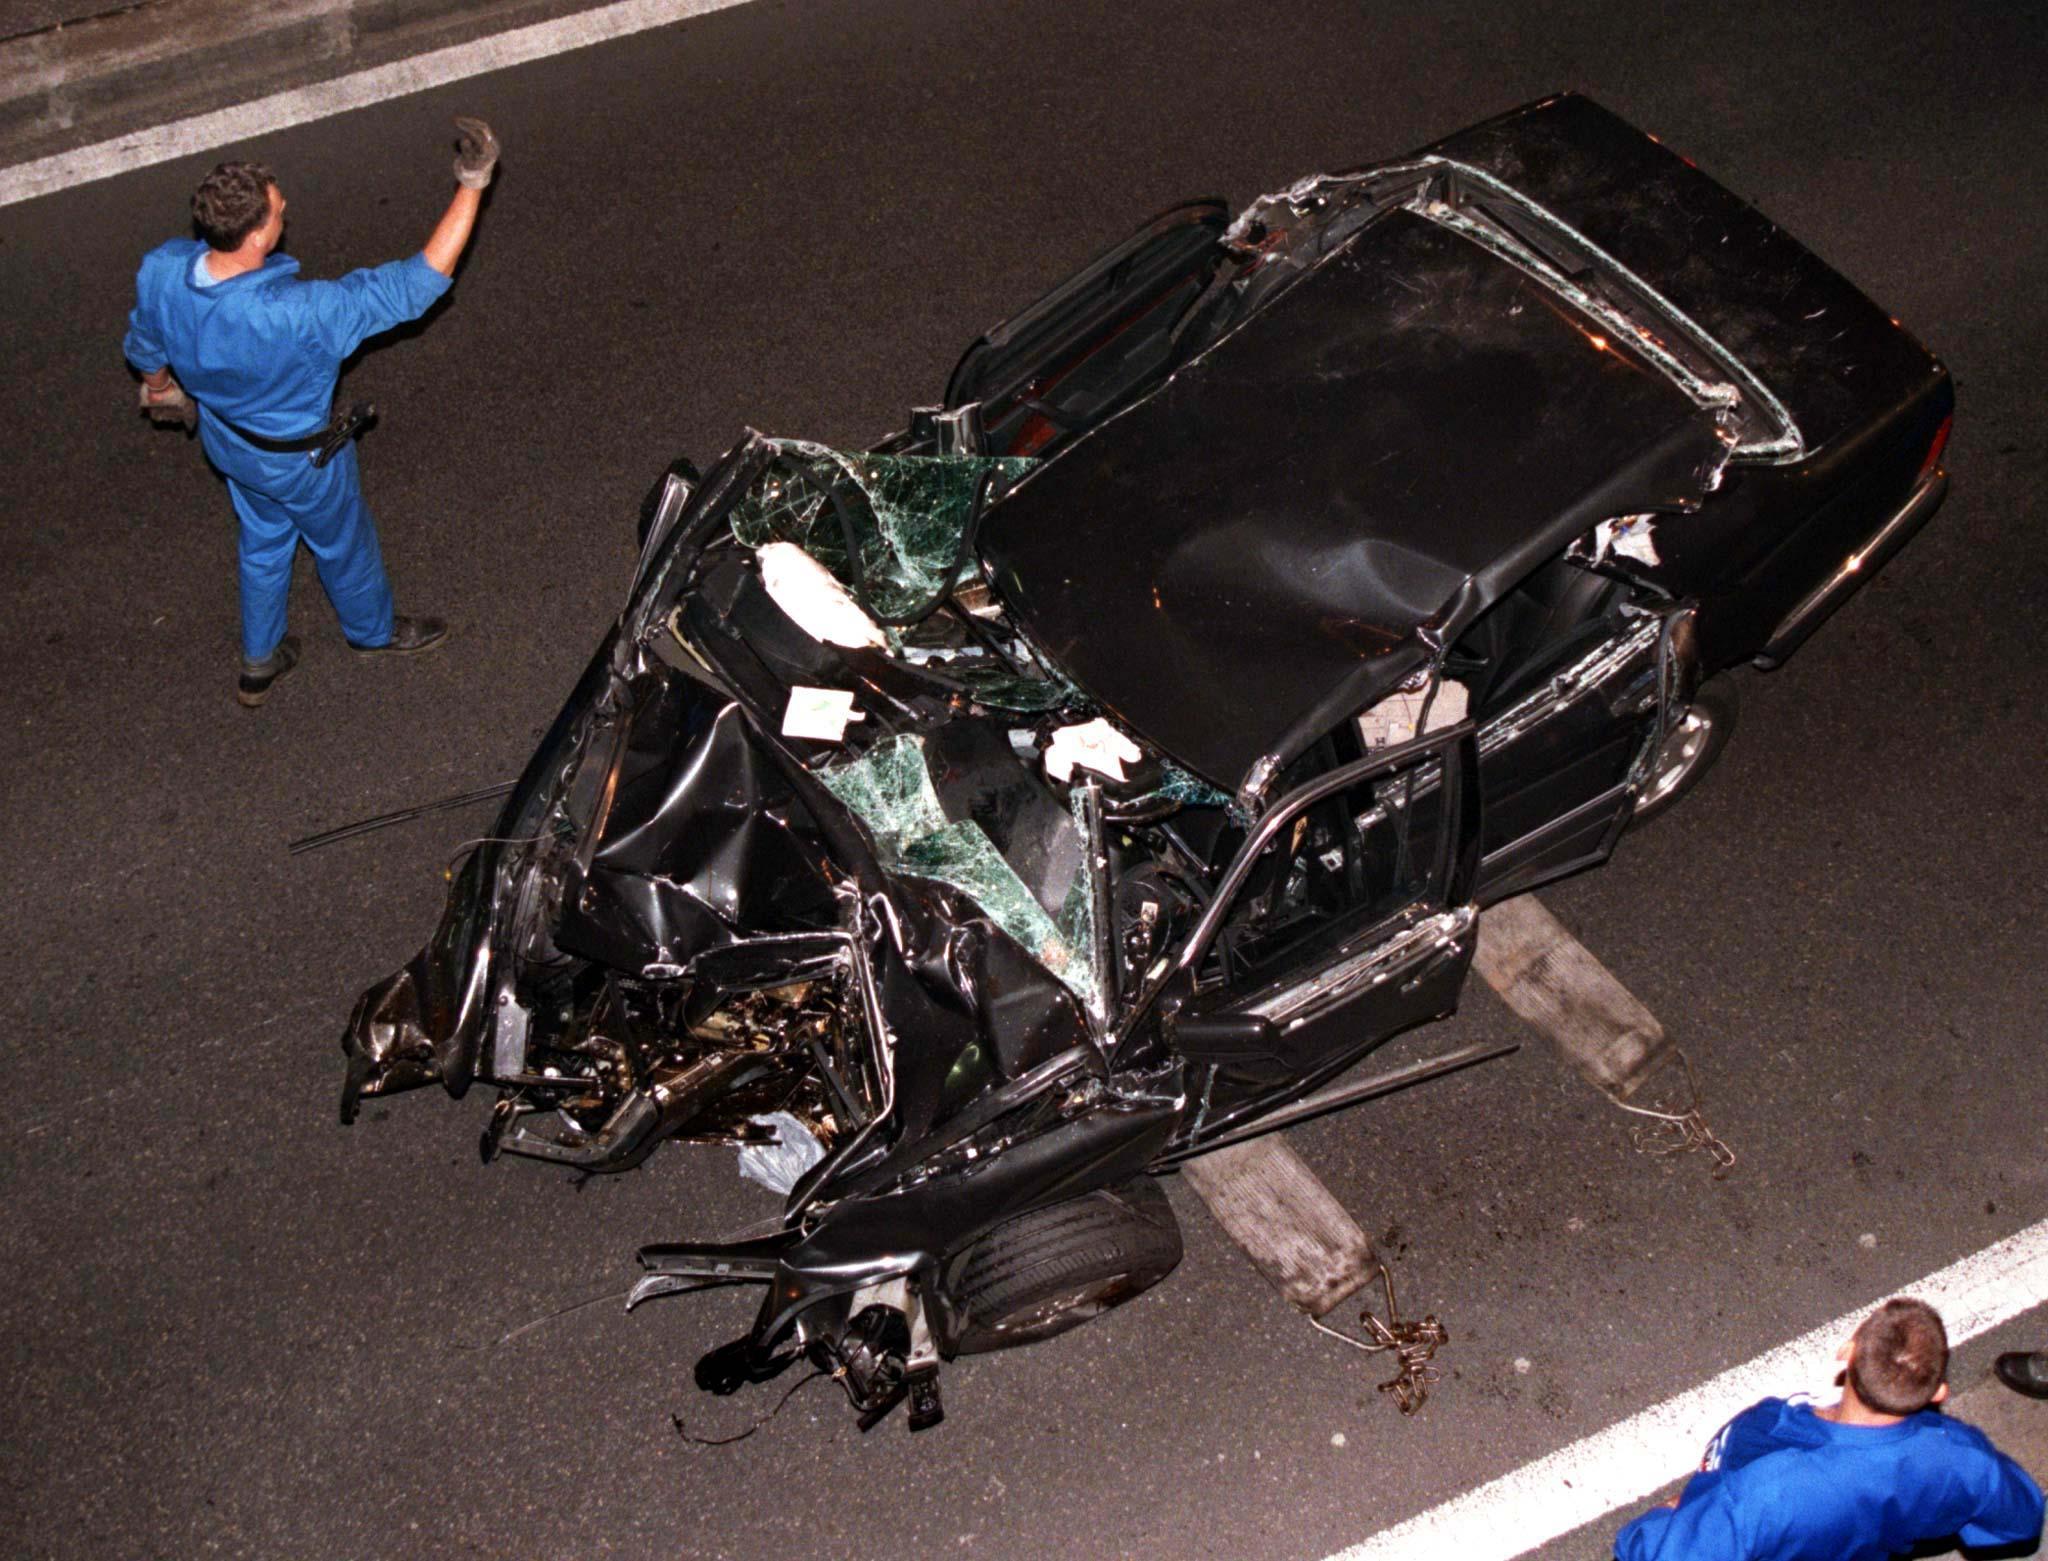 Trauriges Ende einer Märchenprinzessin: Nachdem der Wagen vor einen Pariser Tunnelpfeiler raste, starb Lady Diana am 31. August 1997.